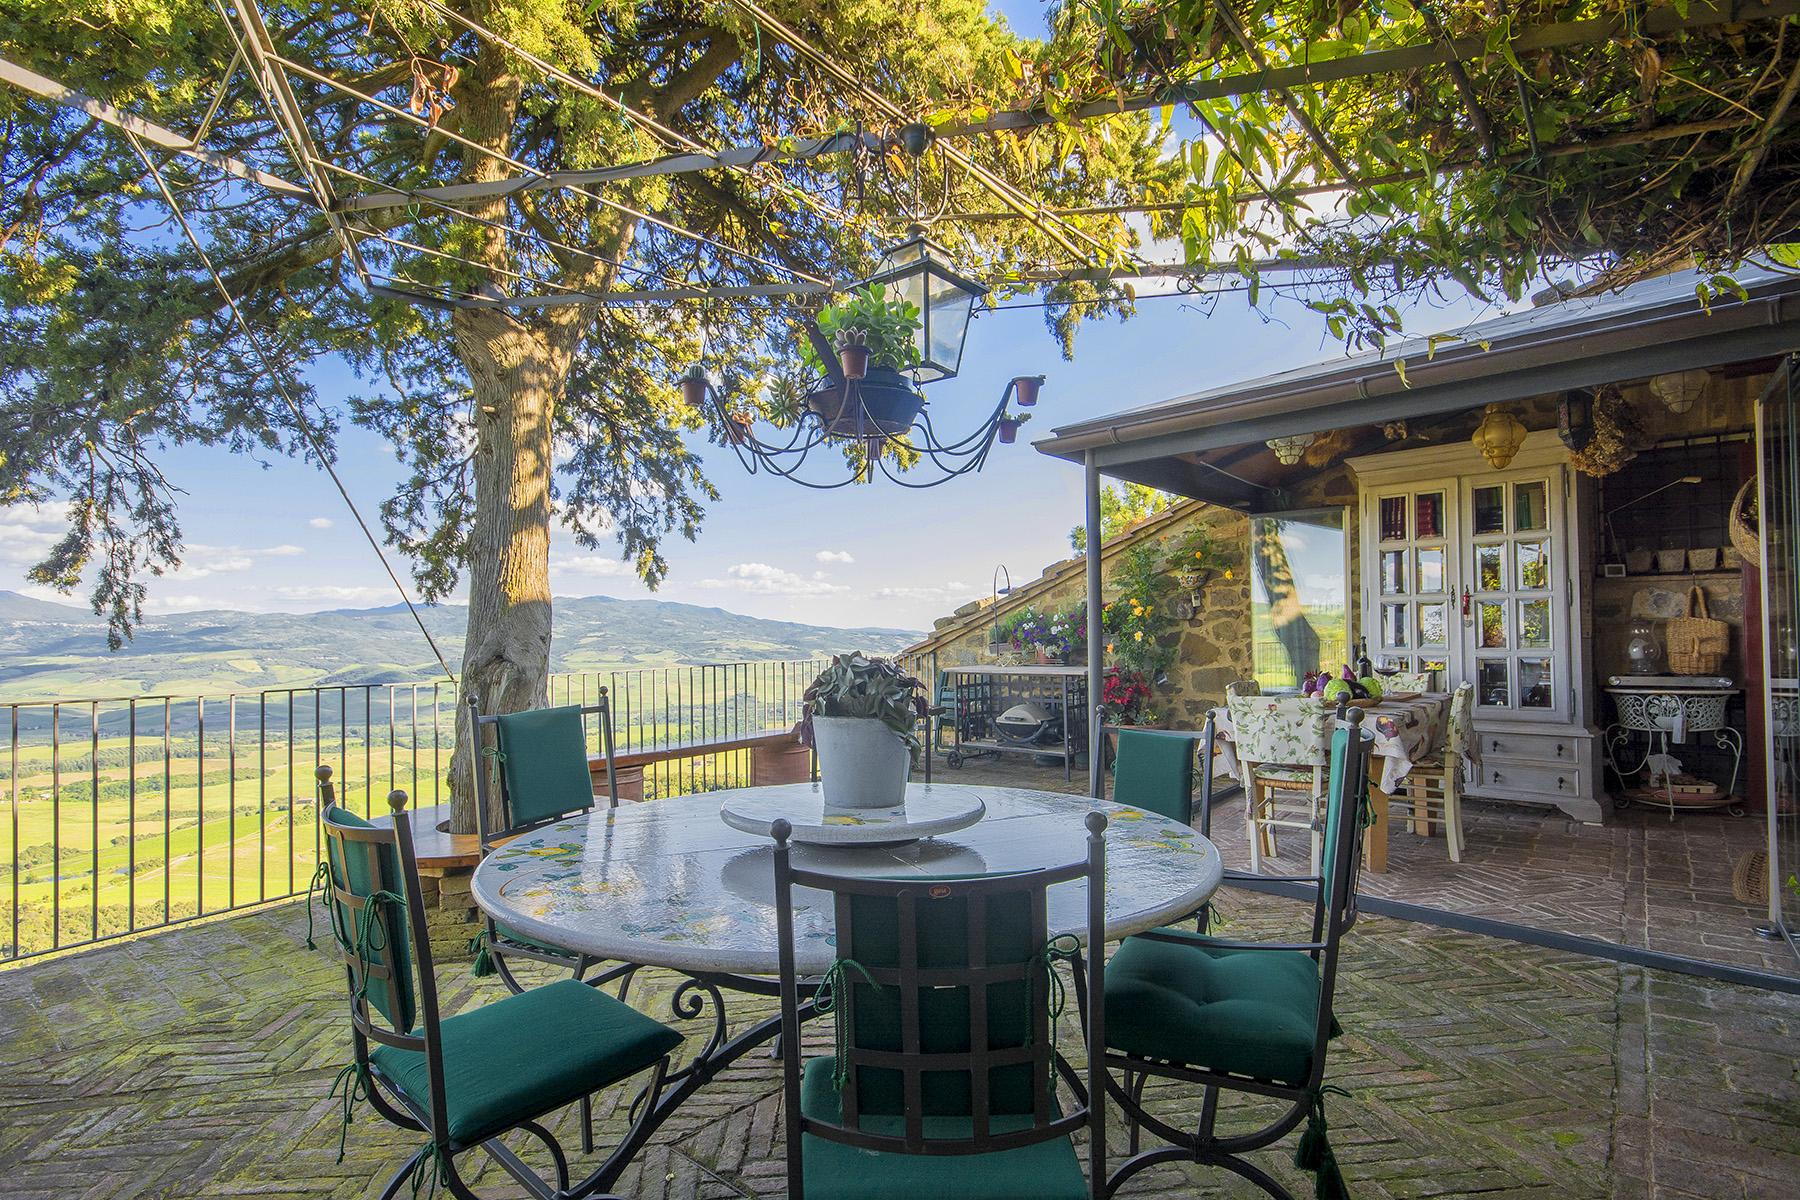 Casa indipendente in Vendita a Montalcino: 5 locali, 280 mq